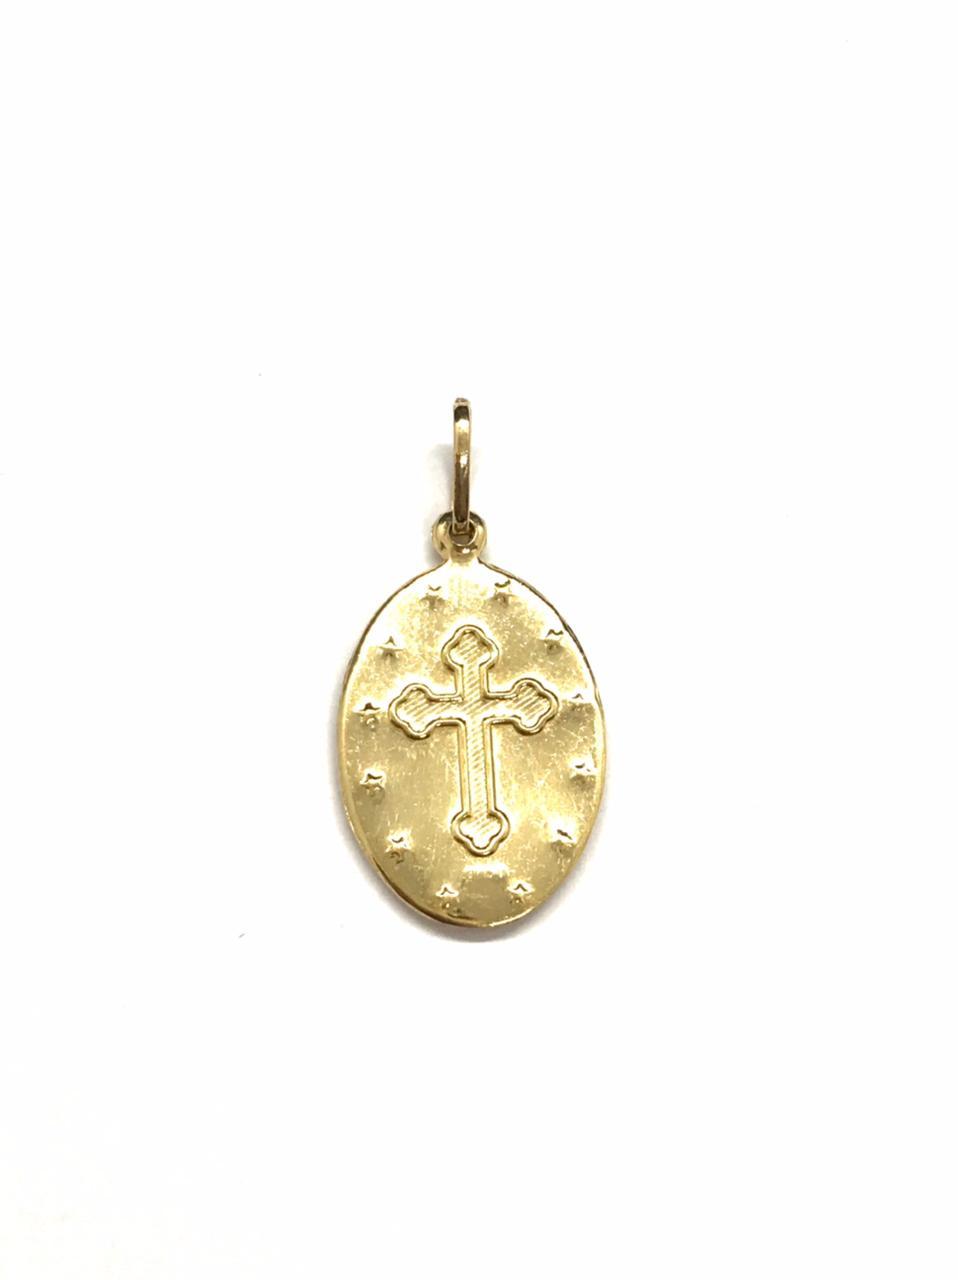 Pingente Medalha São Miguel Arcanjo Ouro 18k